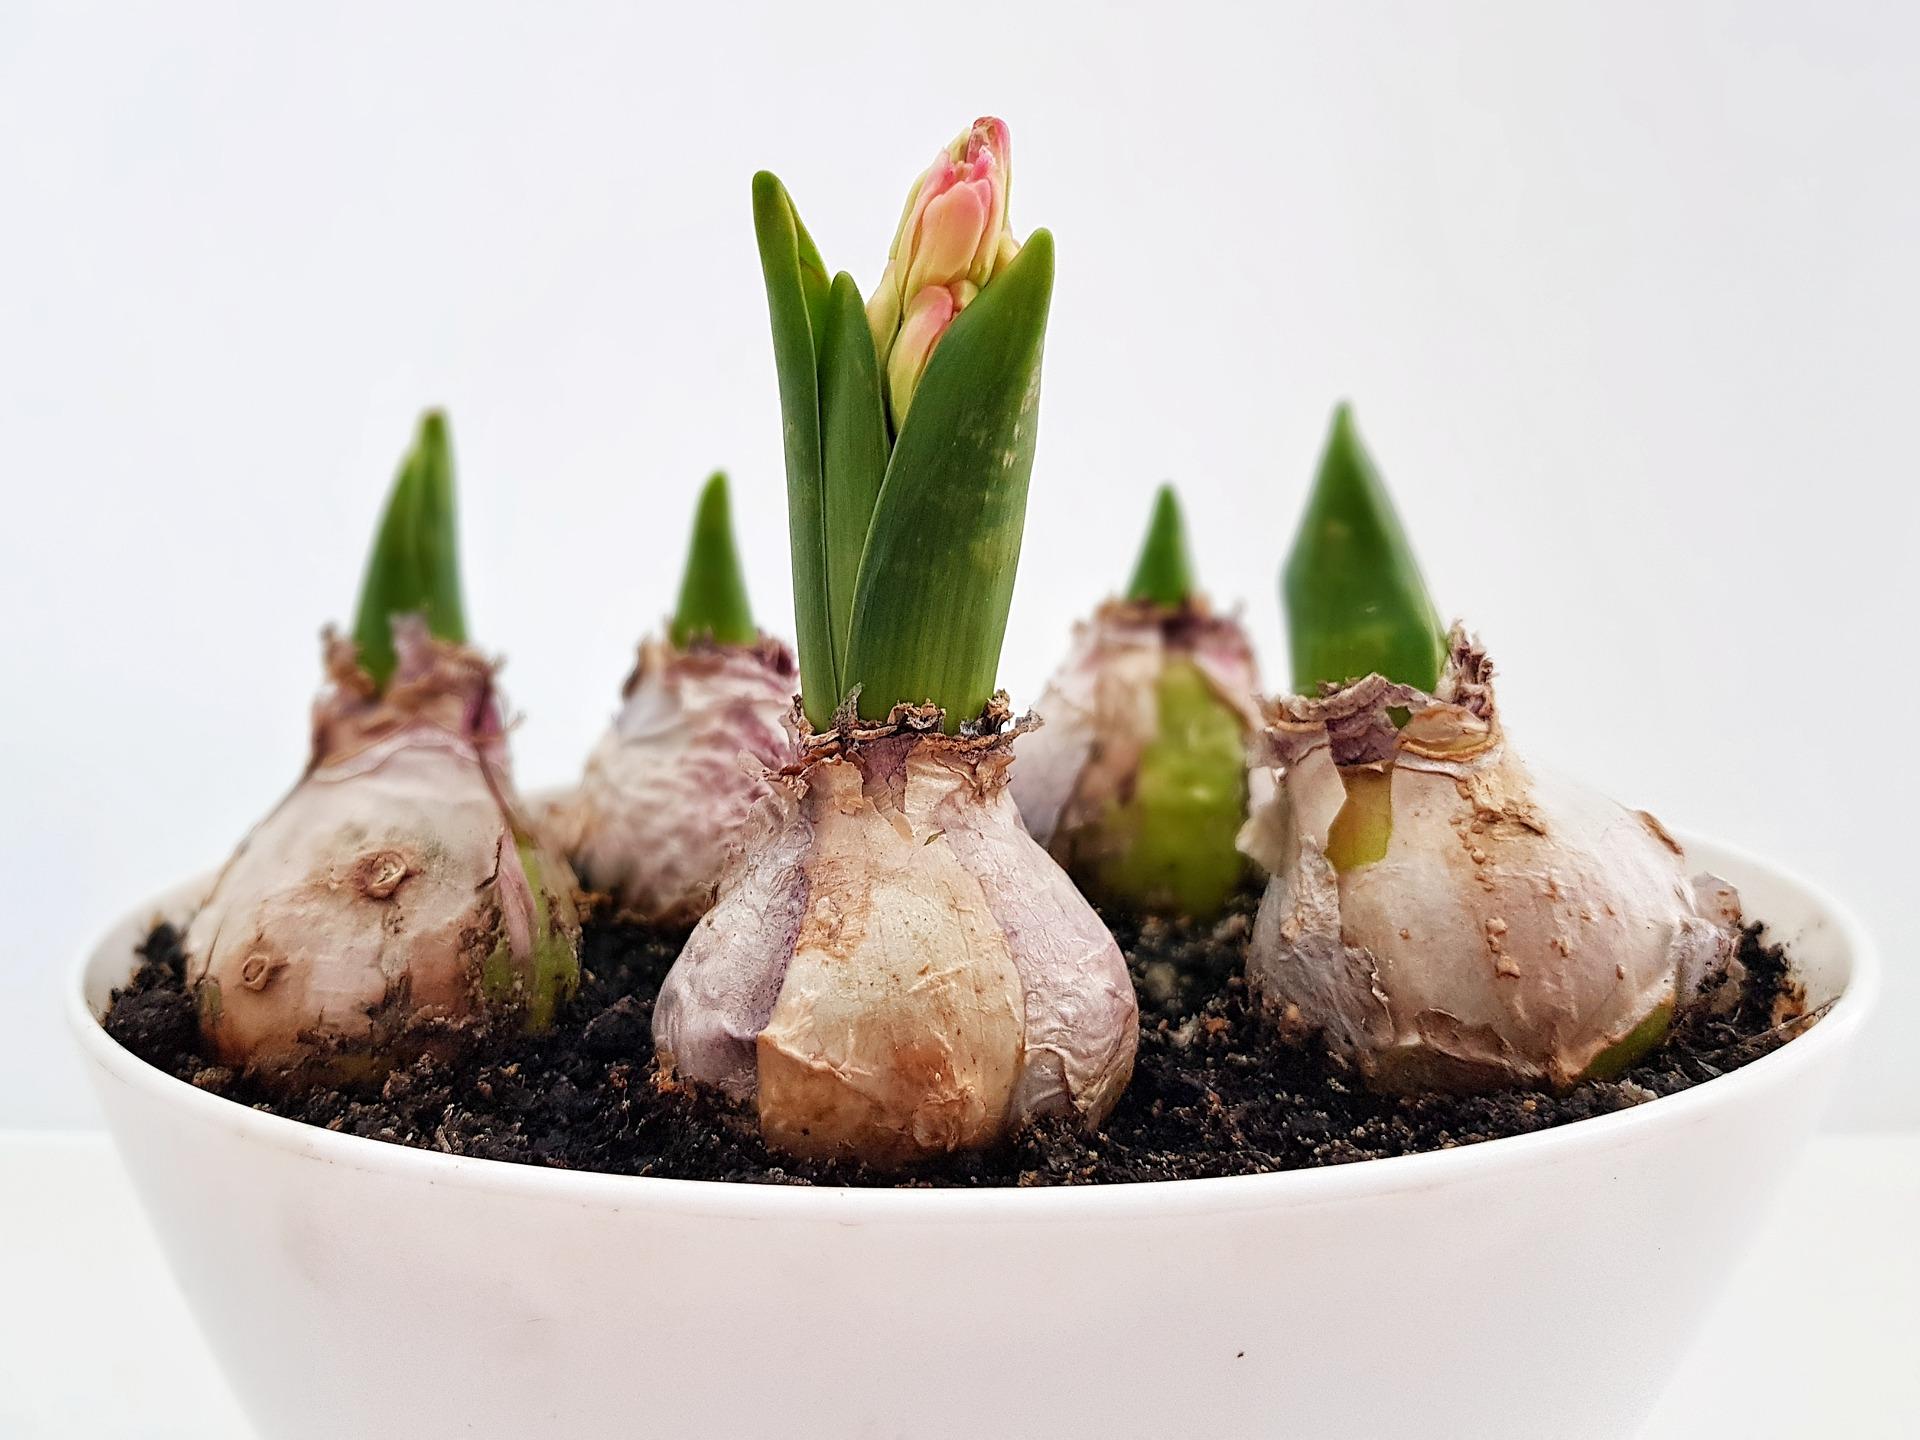 Spóźnione sadzenie cebul kwiatowych